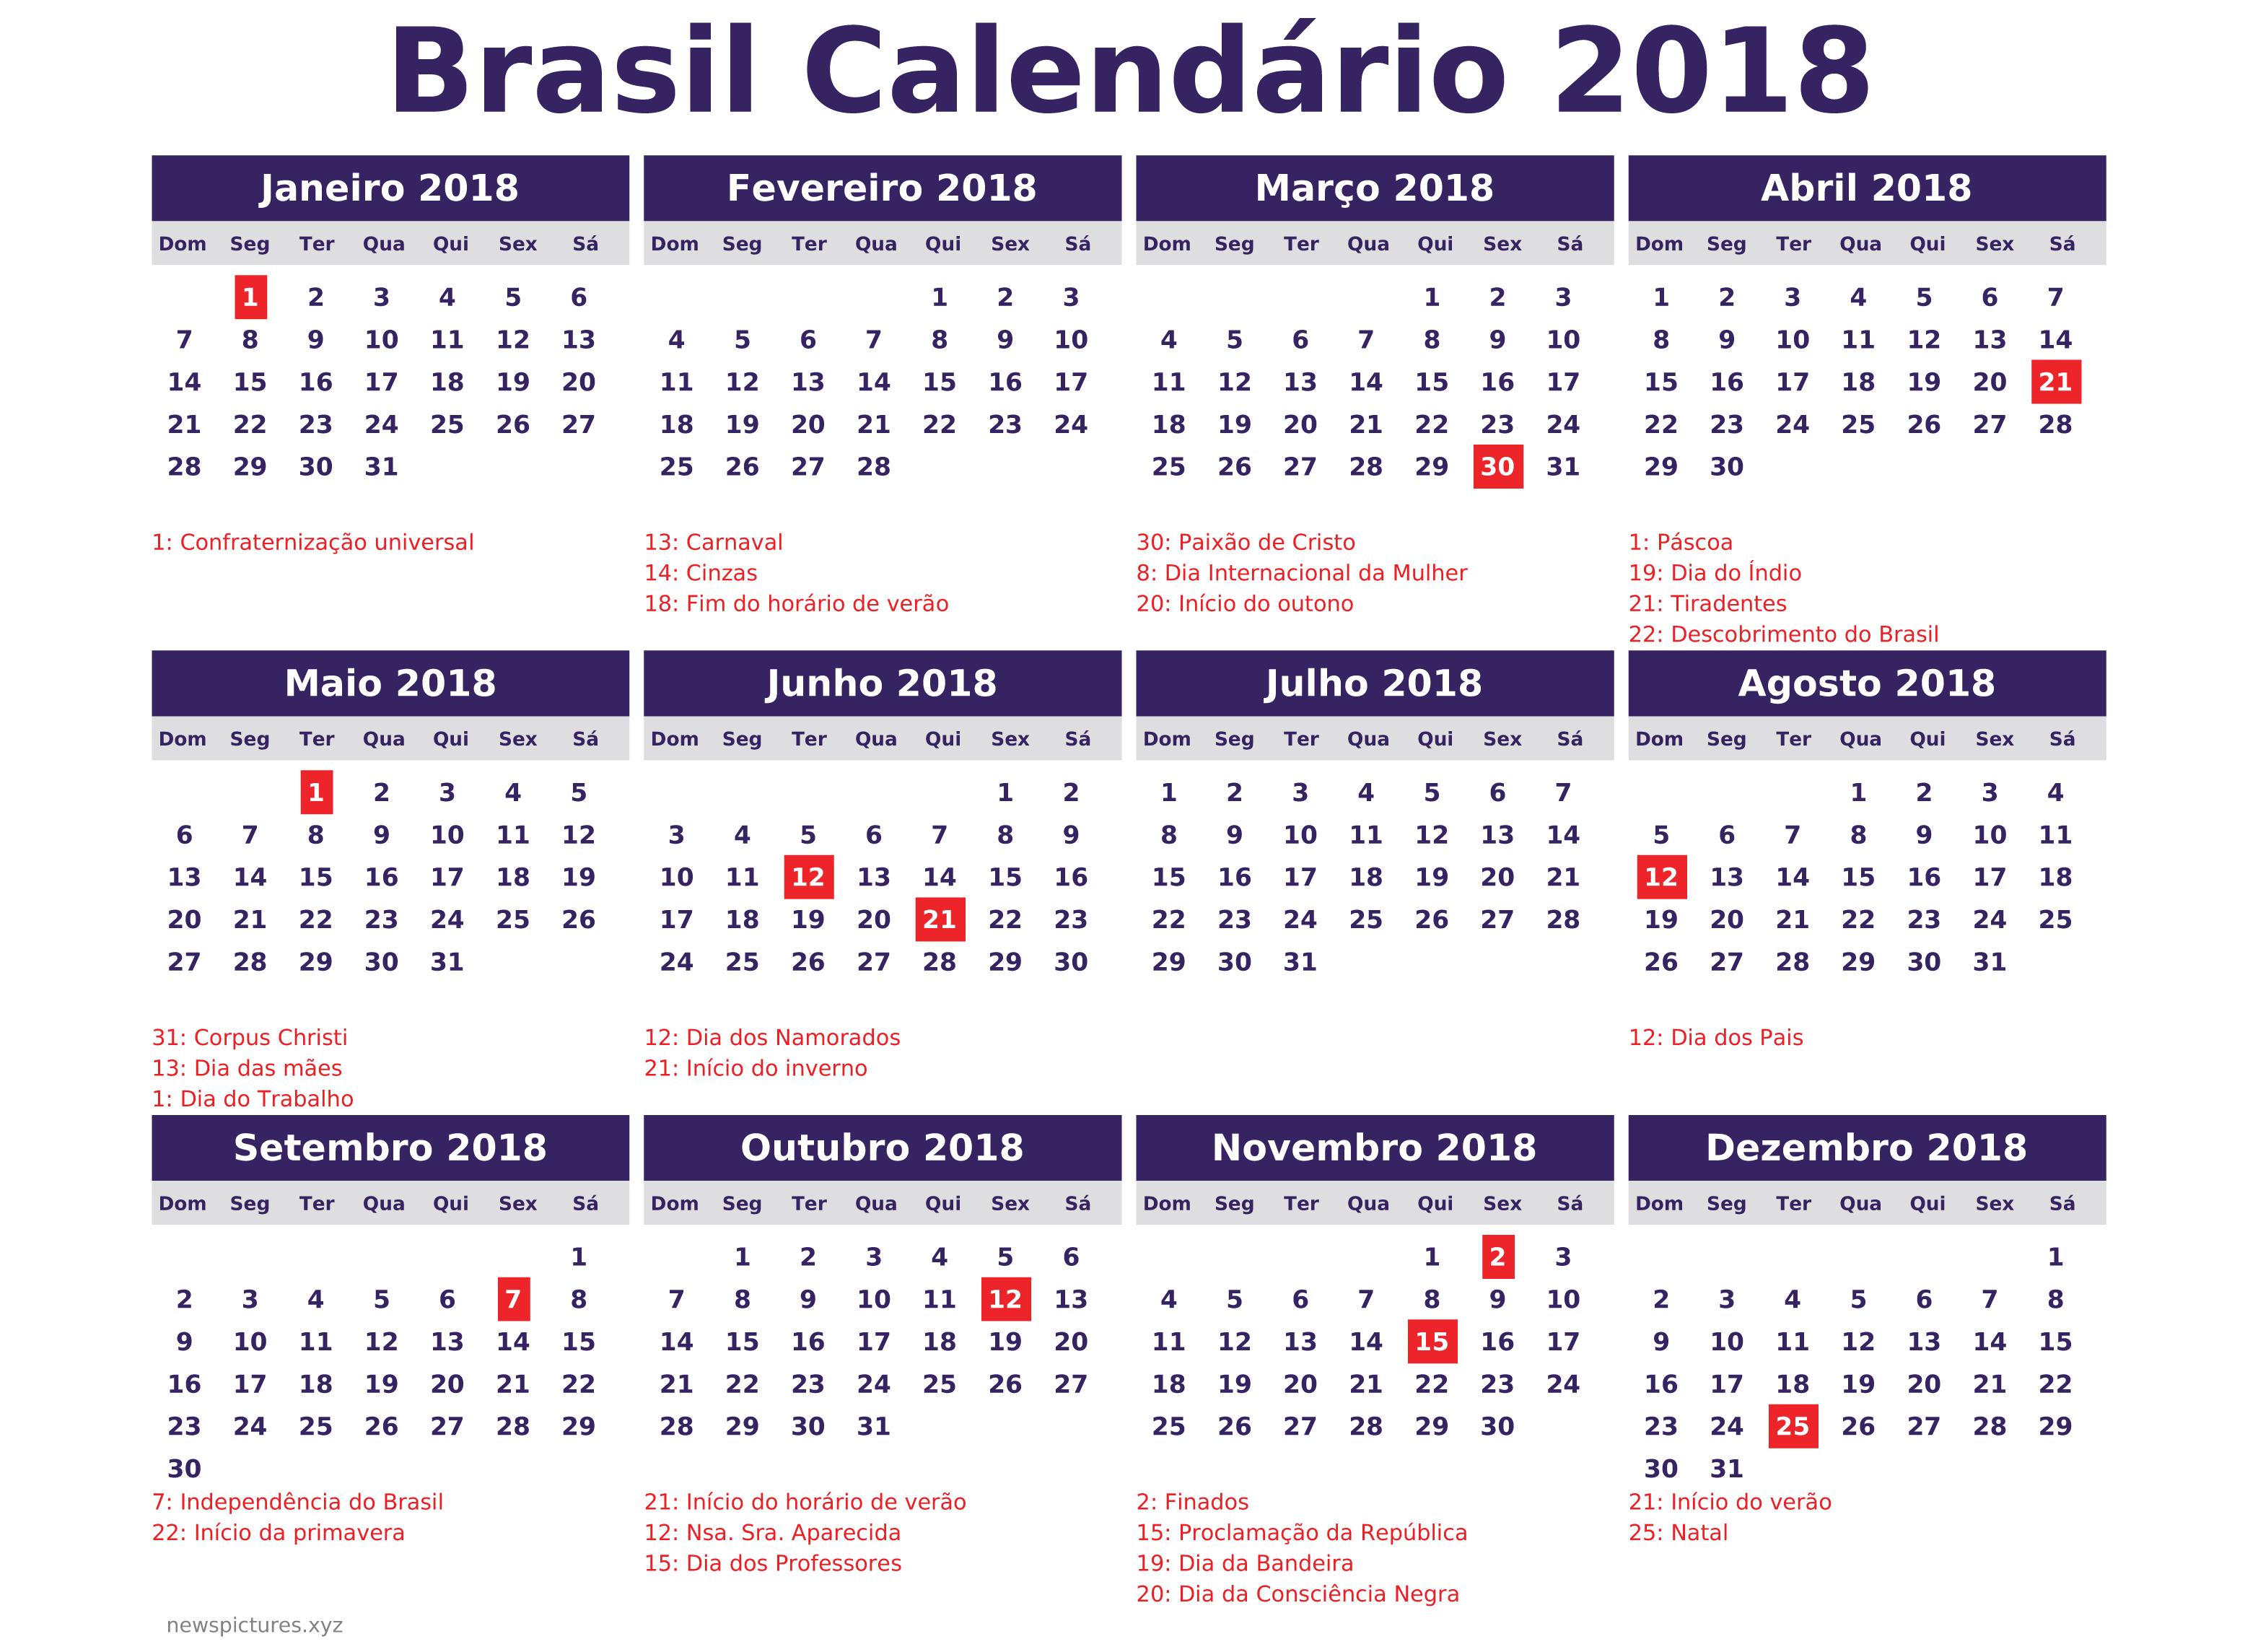 Calendario 2018 Brasil.2018 Com Muitos Feriadoes Informe Blumenau